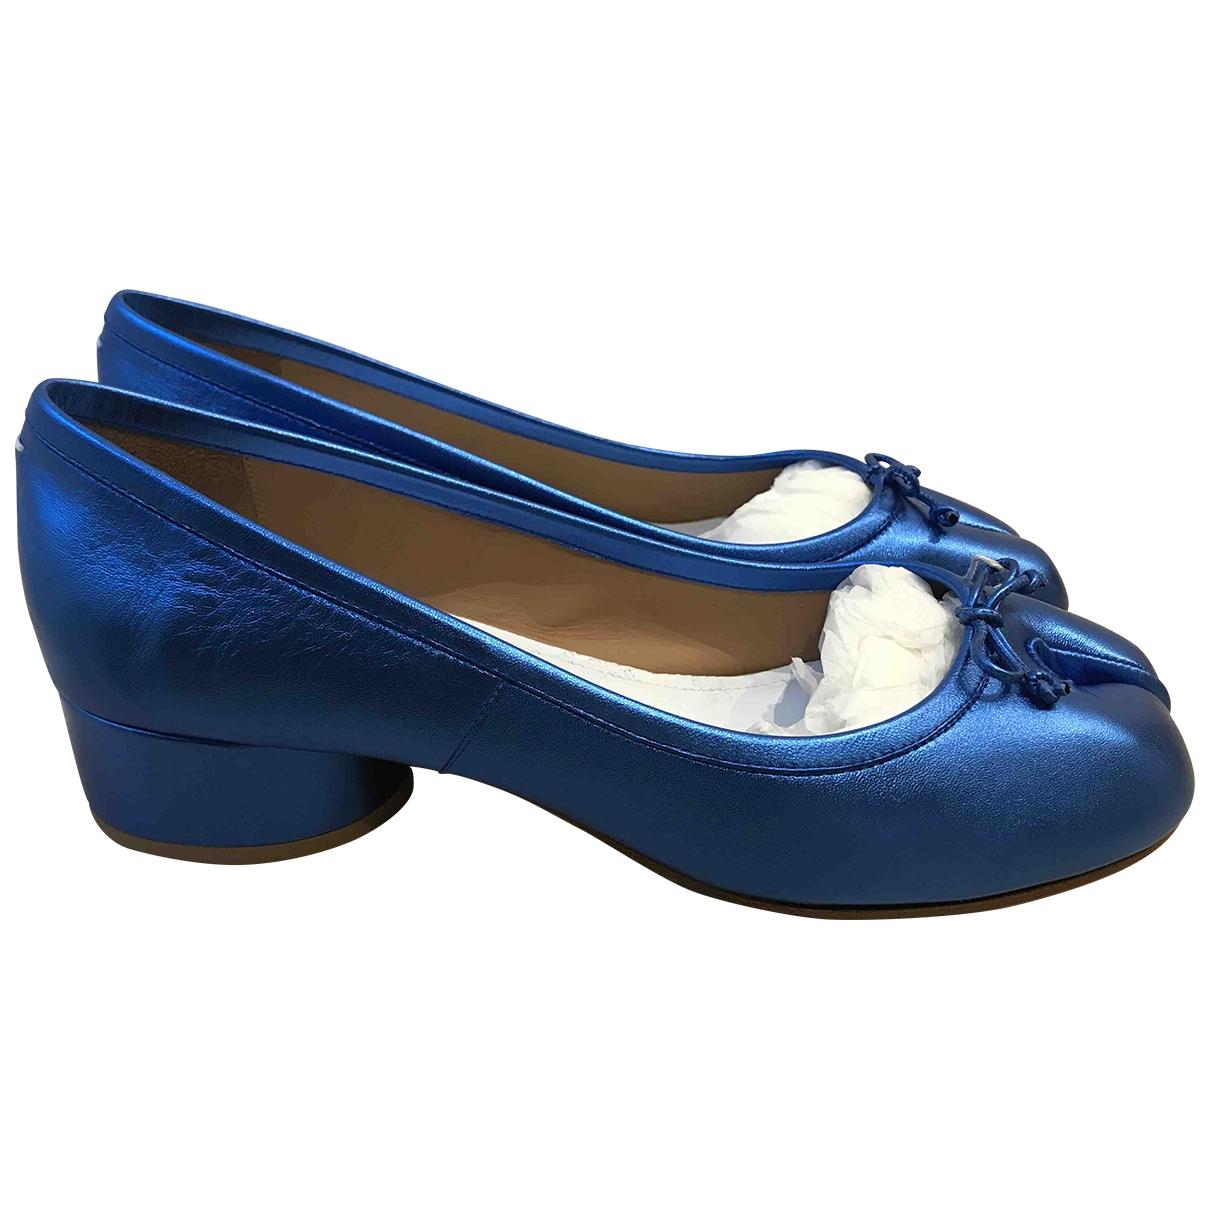 Maison Martin Margiela - Escarpins   pour femme en cuir - bleu